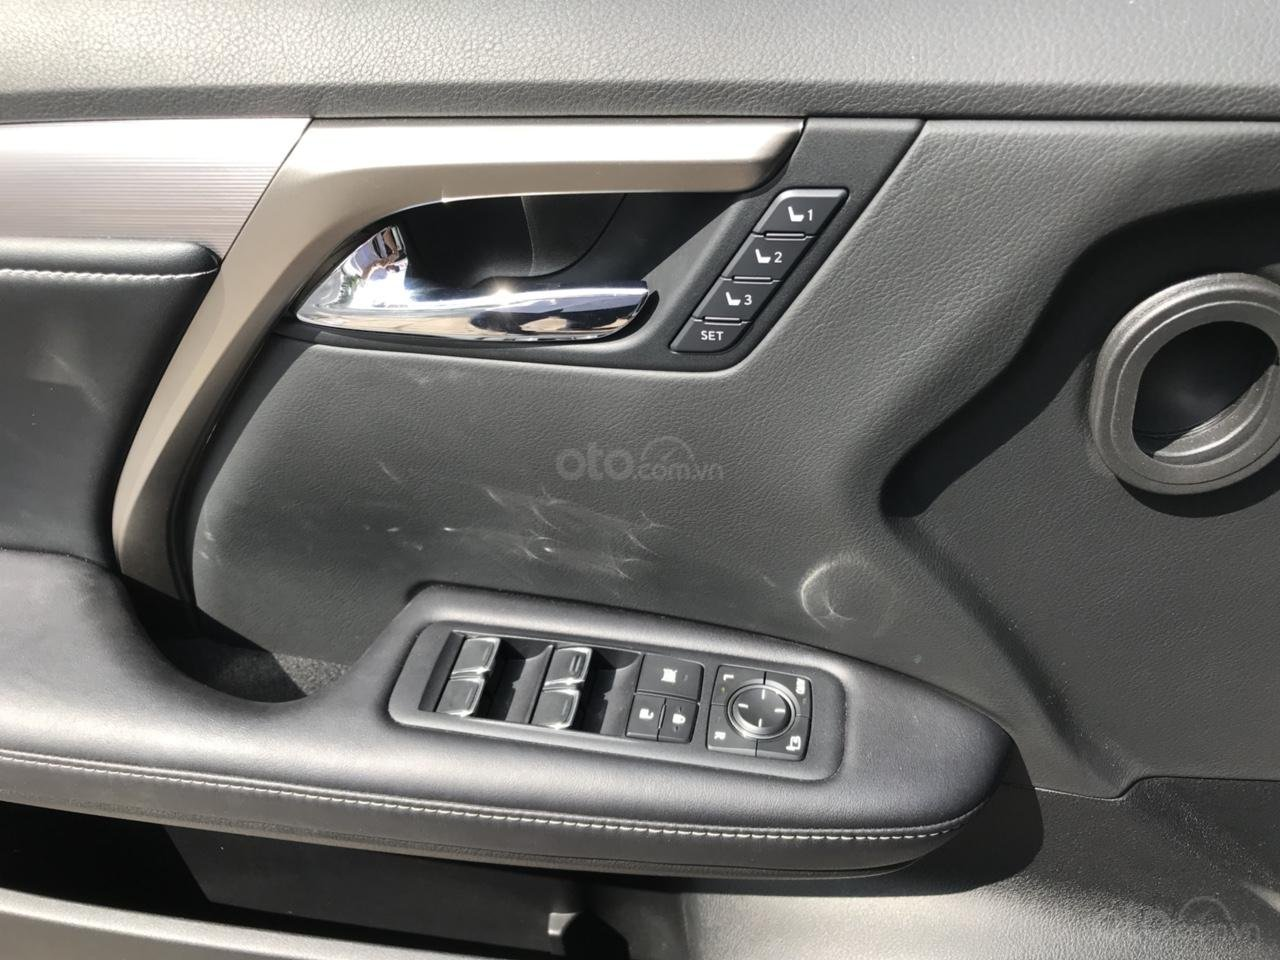 Bán Lexus RX 350 Fsport 2016, màu trắng, xe nhập Mỹ, LH Ms Hương 0945392468 (4)